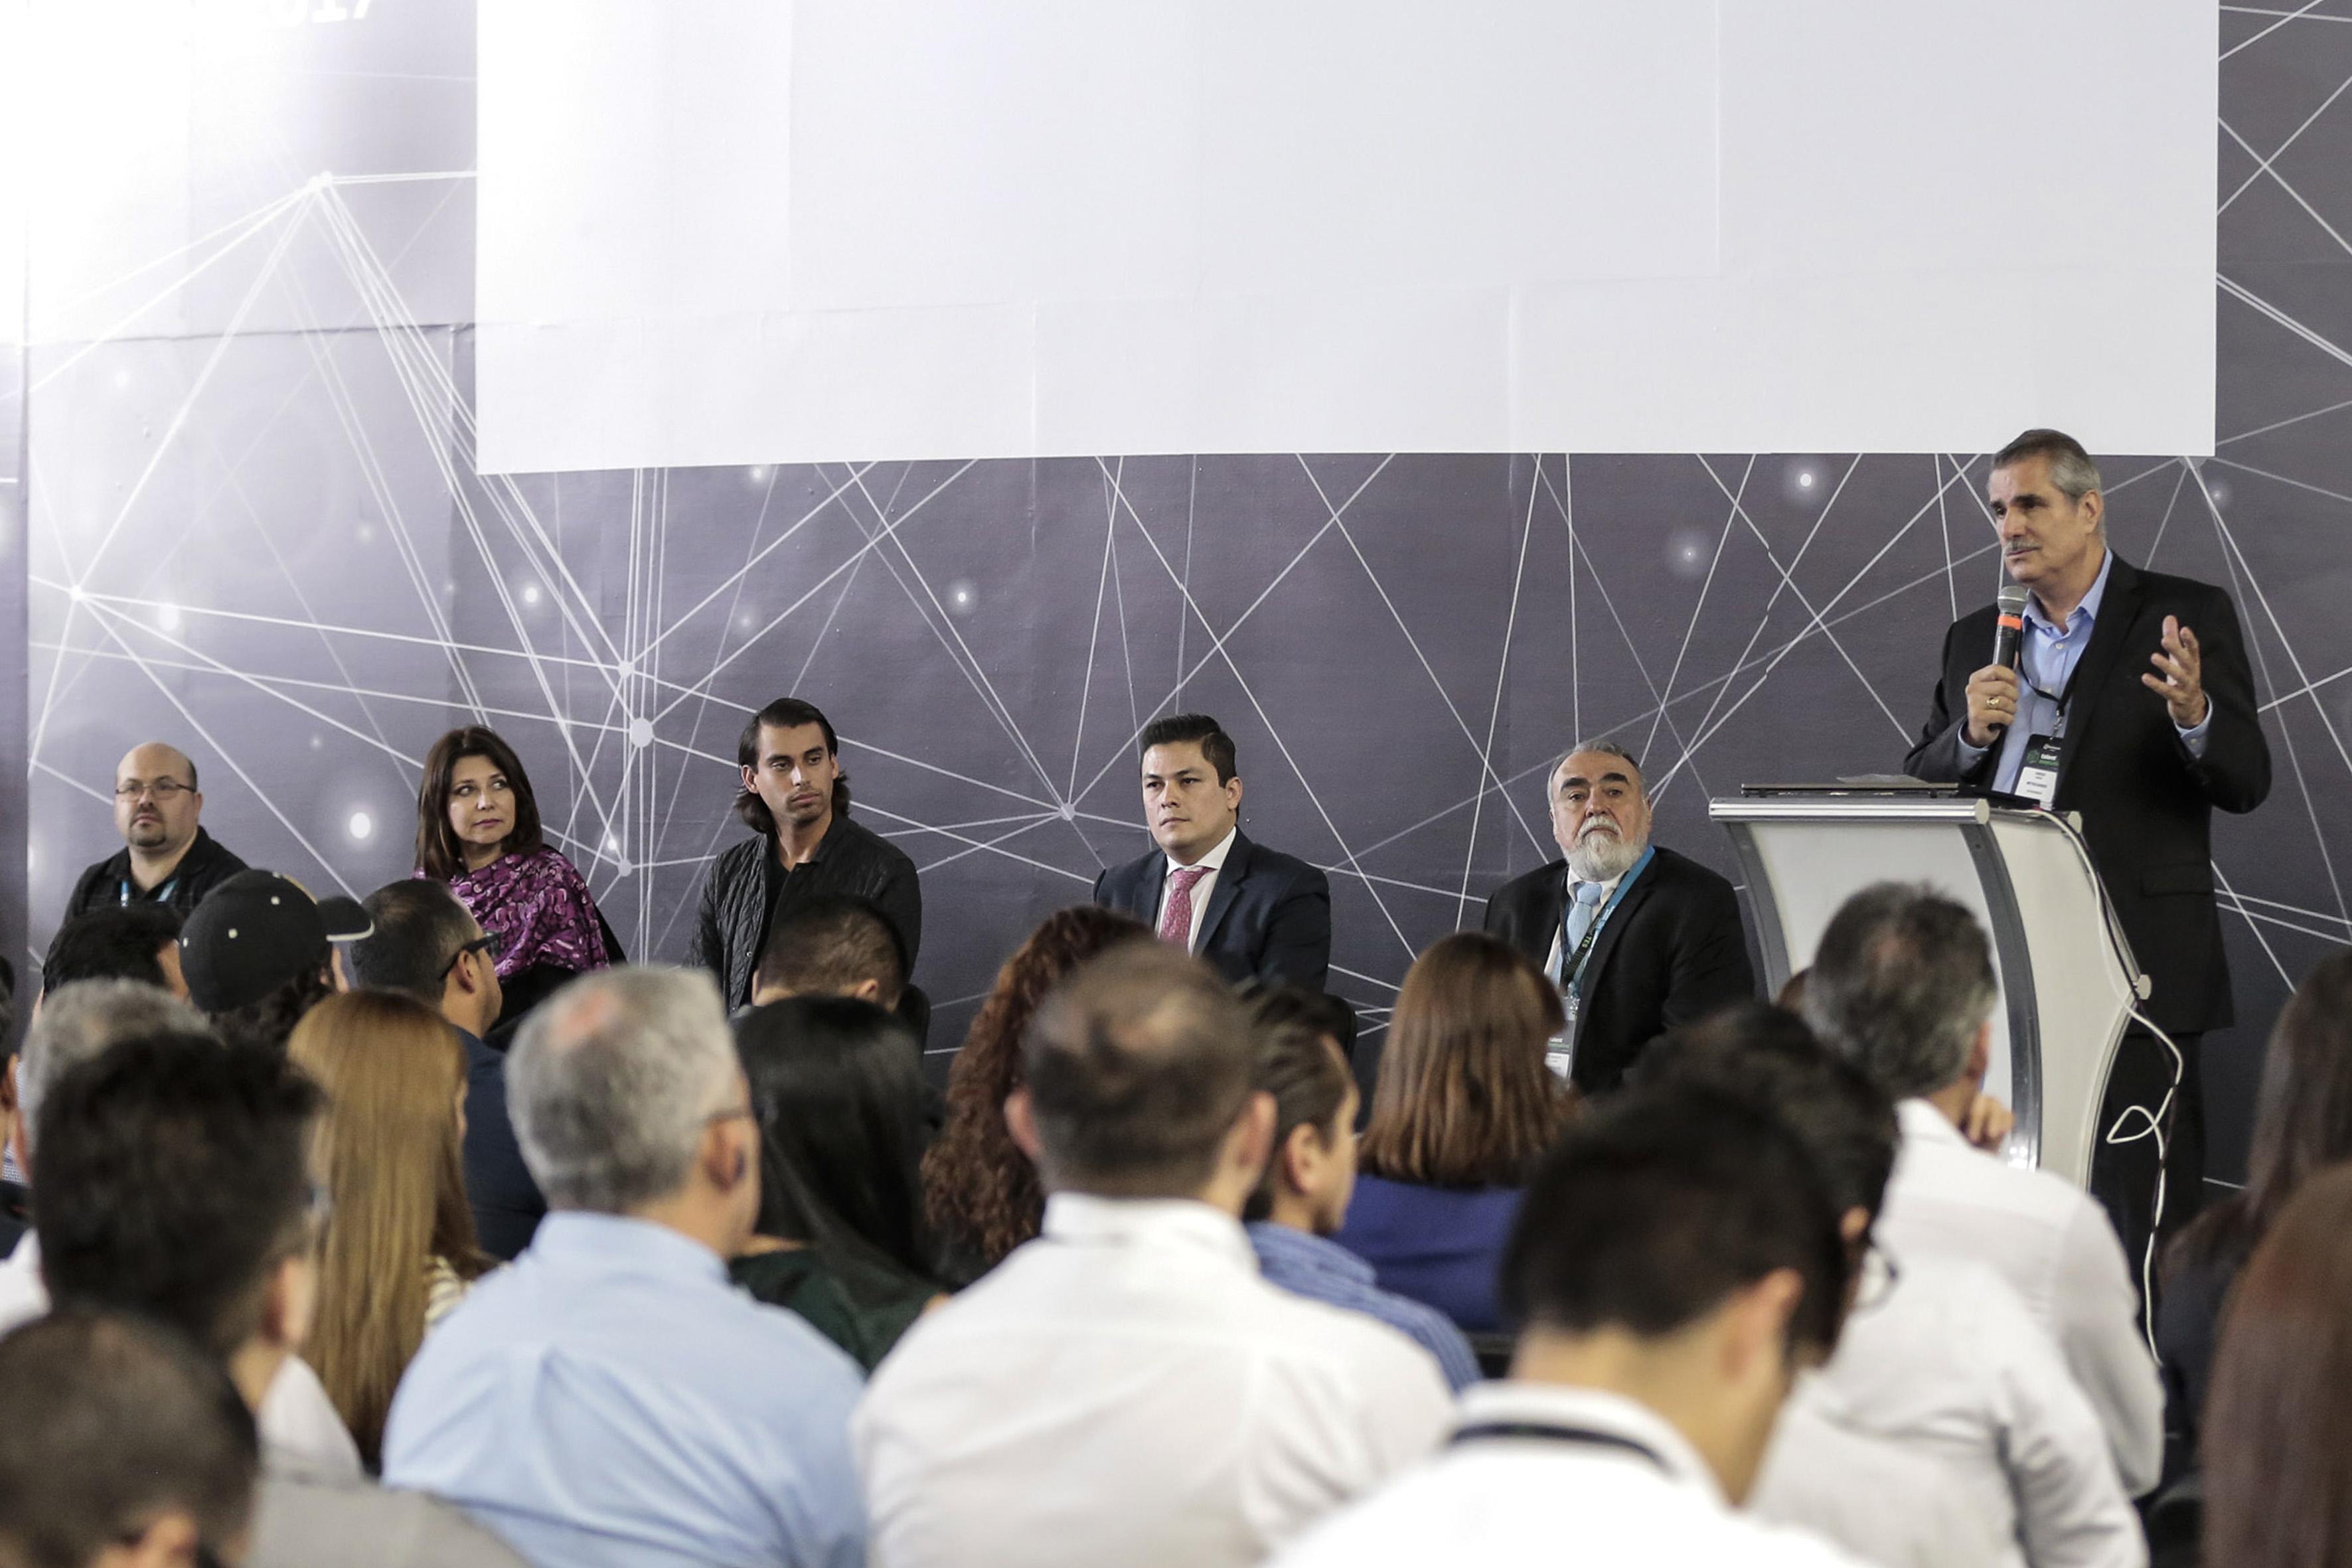 Enrique Yamuni Robles, Director General de Megacable, en podium del evento y con micrófono en mano, haciendo uso de la palabra.